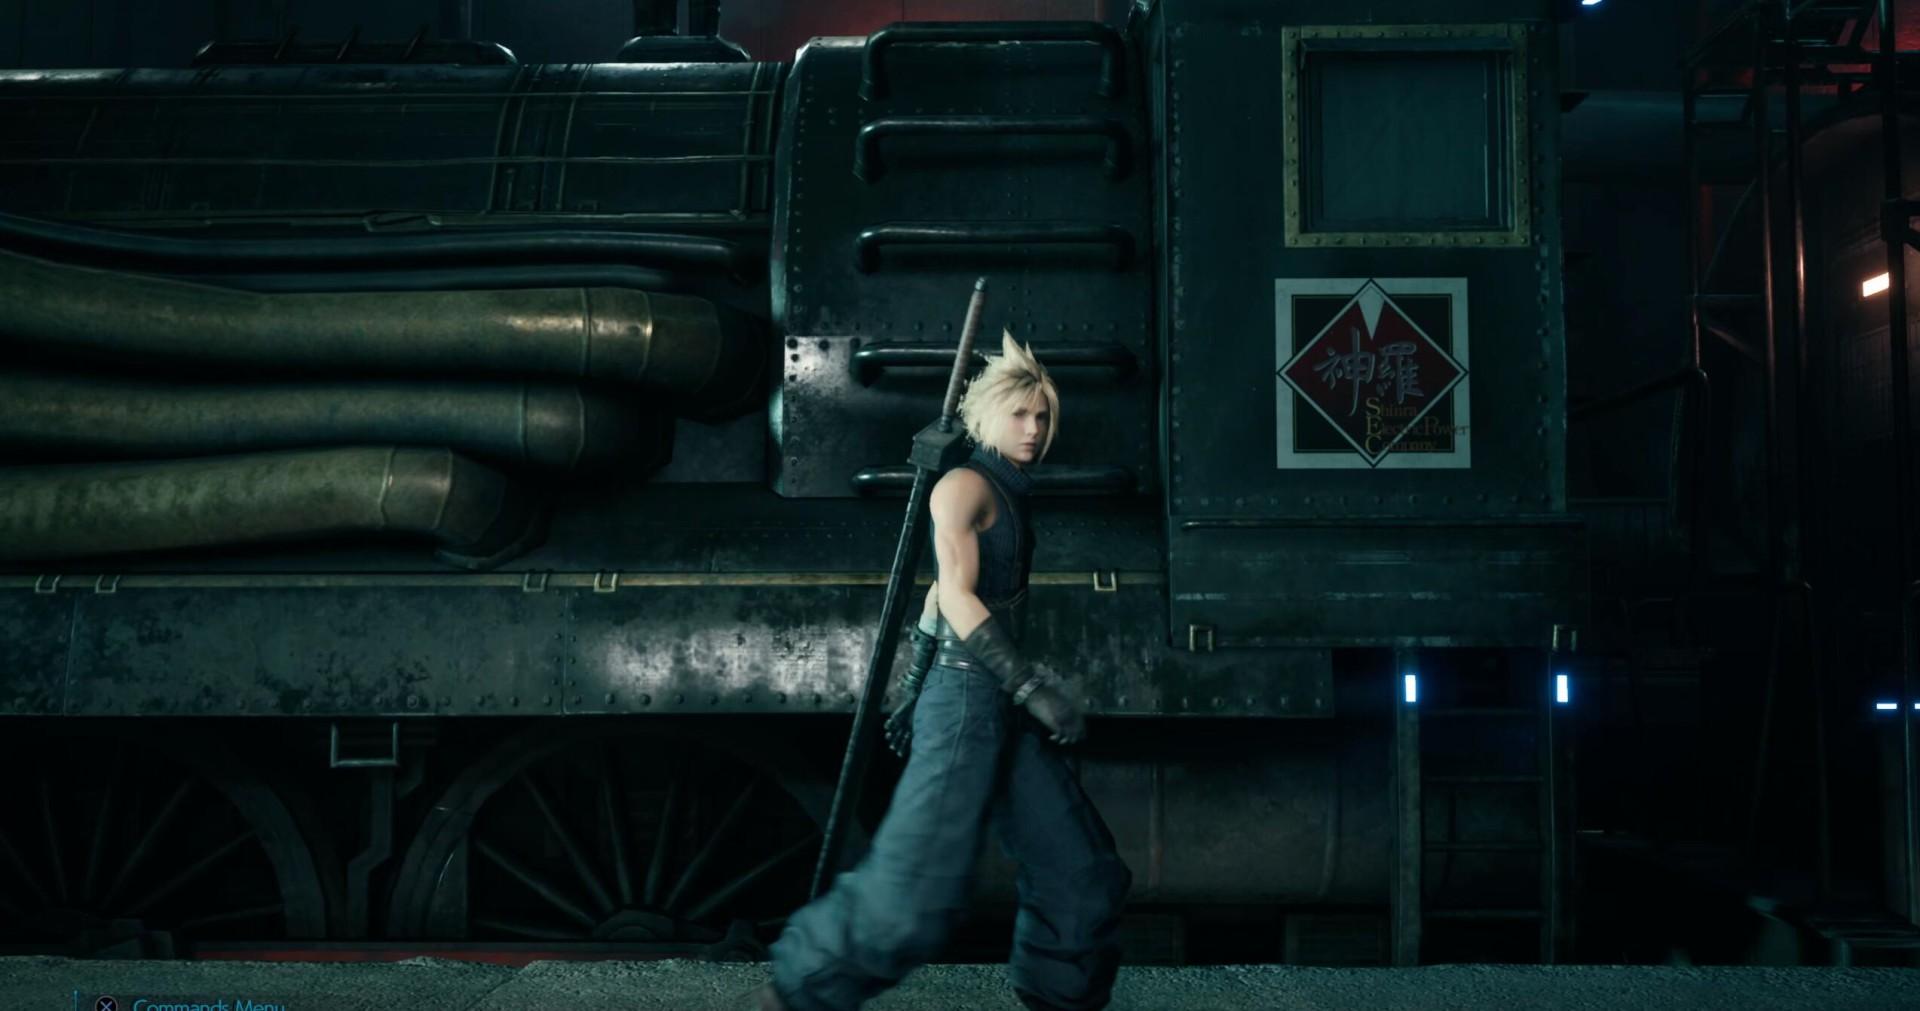 《最终幻想7:重制版》技术分析视频 纹理贴图问题多